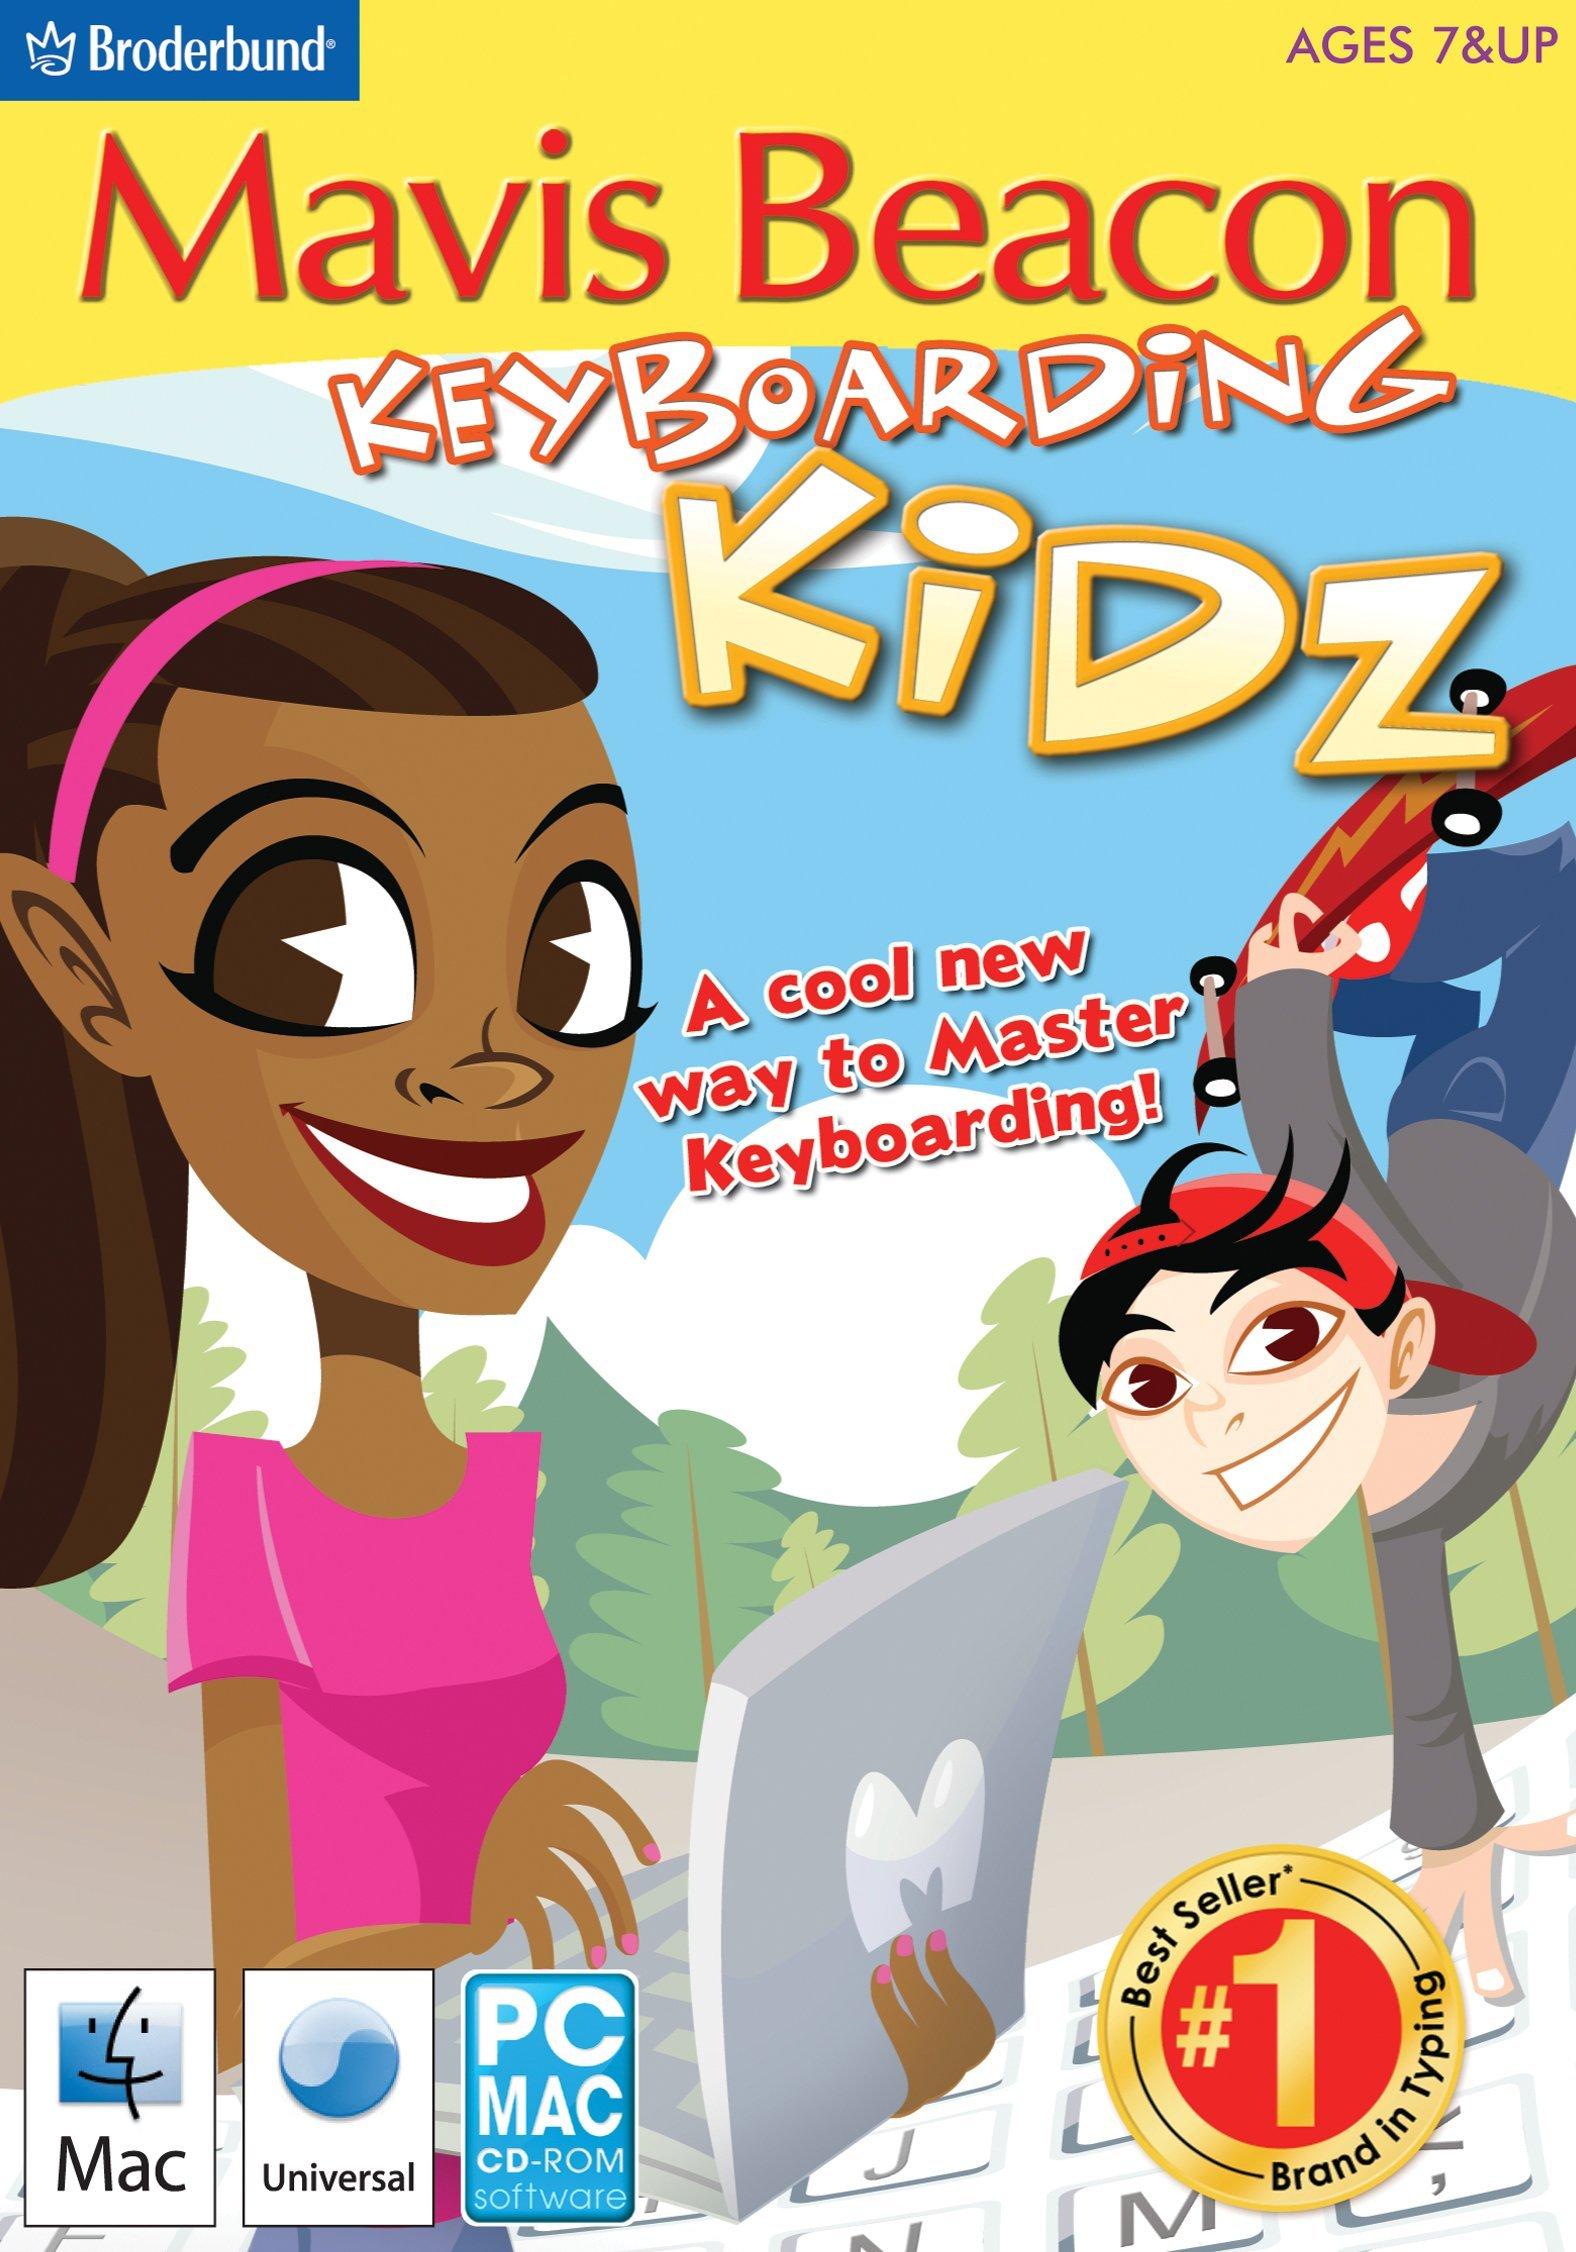 Mavis Beacon Keyboarding Kidz by Encore